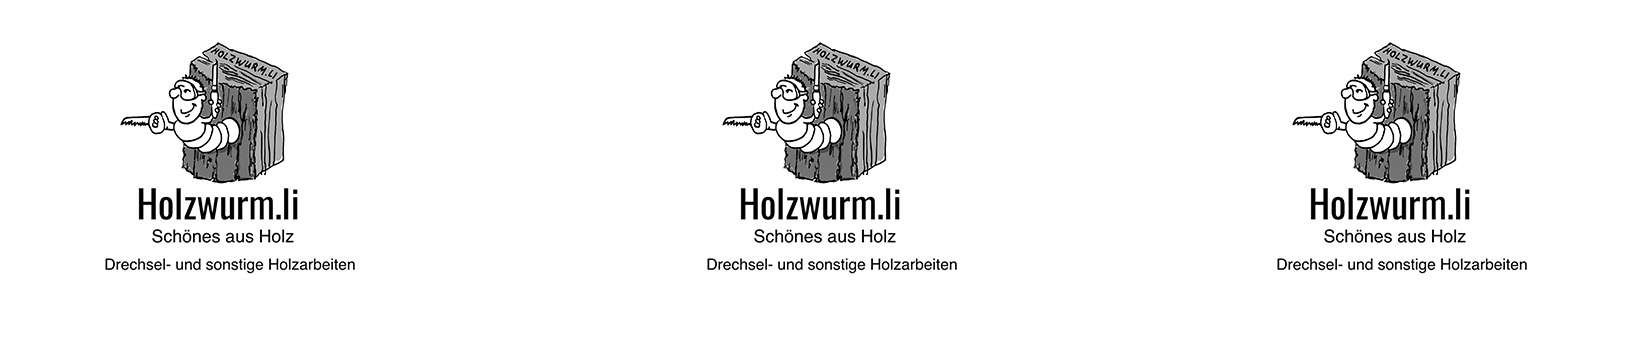 Holzwurm_li